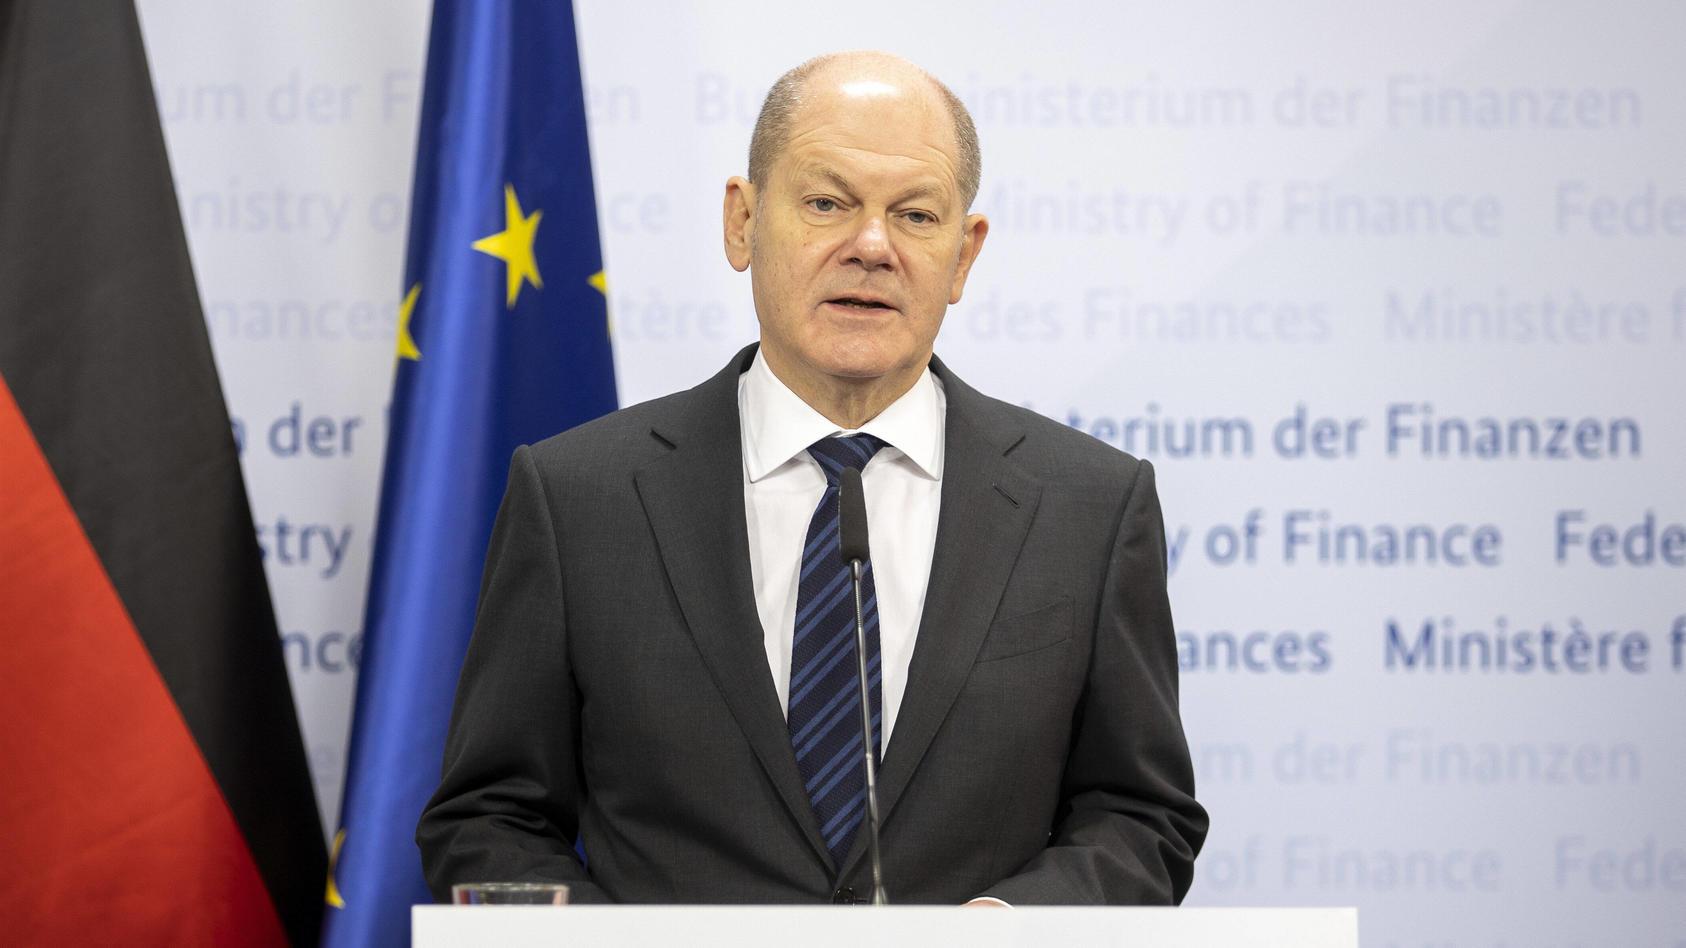 Olaf Scholz, Bundesminister der Finanzen, gibt zu den aktuellen Corona-Hilfen eine Pressekonferenz.